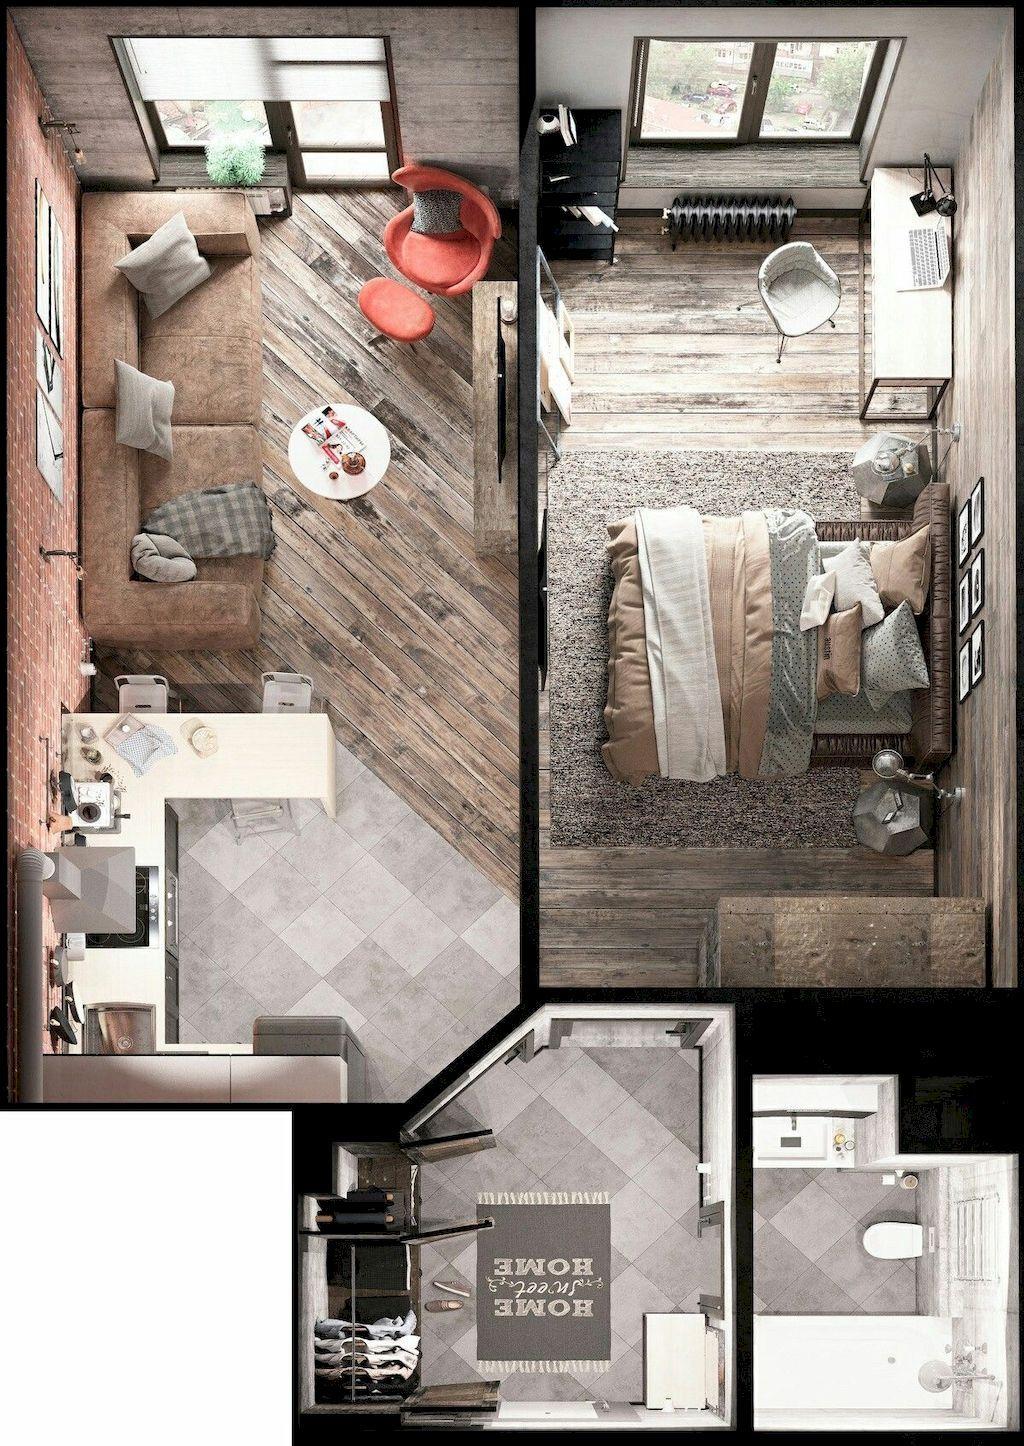 100 Small Studio Apartment Layout Design Ideas Home Design Desain Interior Ruang Tamu Denah Rumah Ide Apartemen